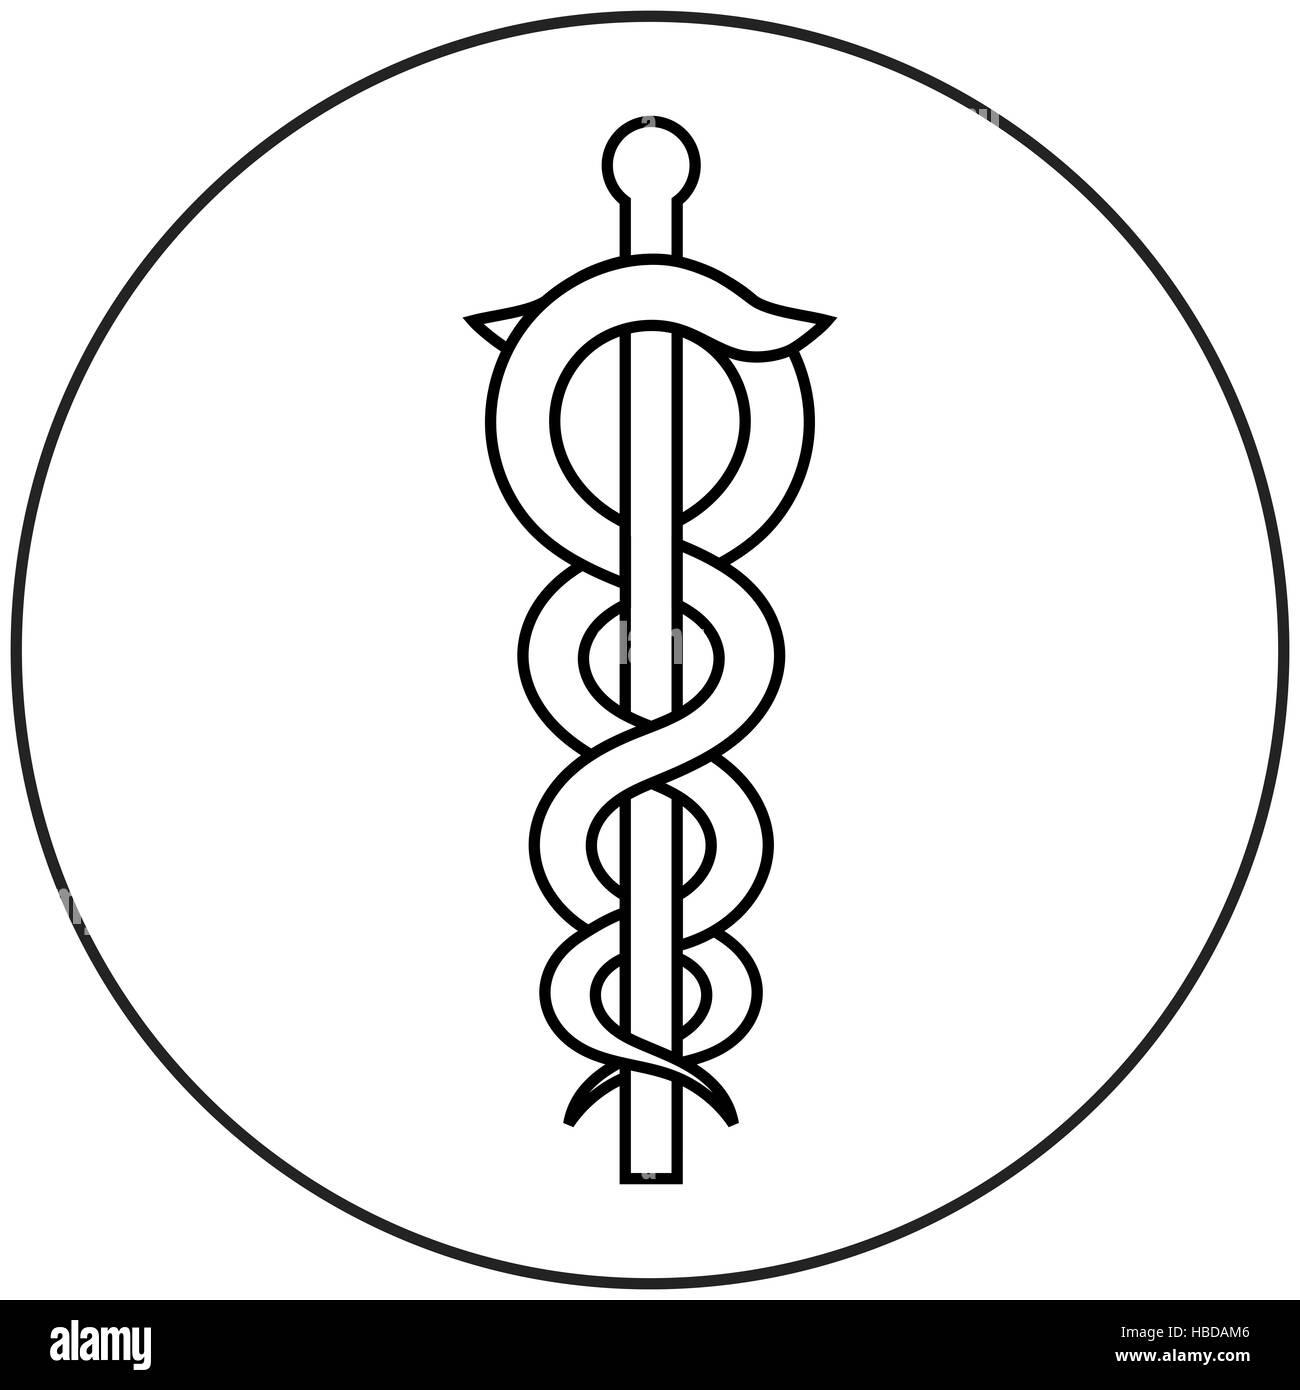 caduceus medical symbol - Stock Image